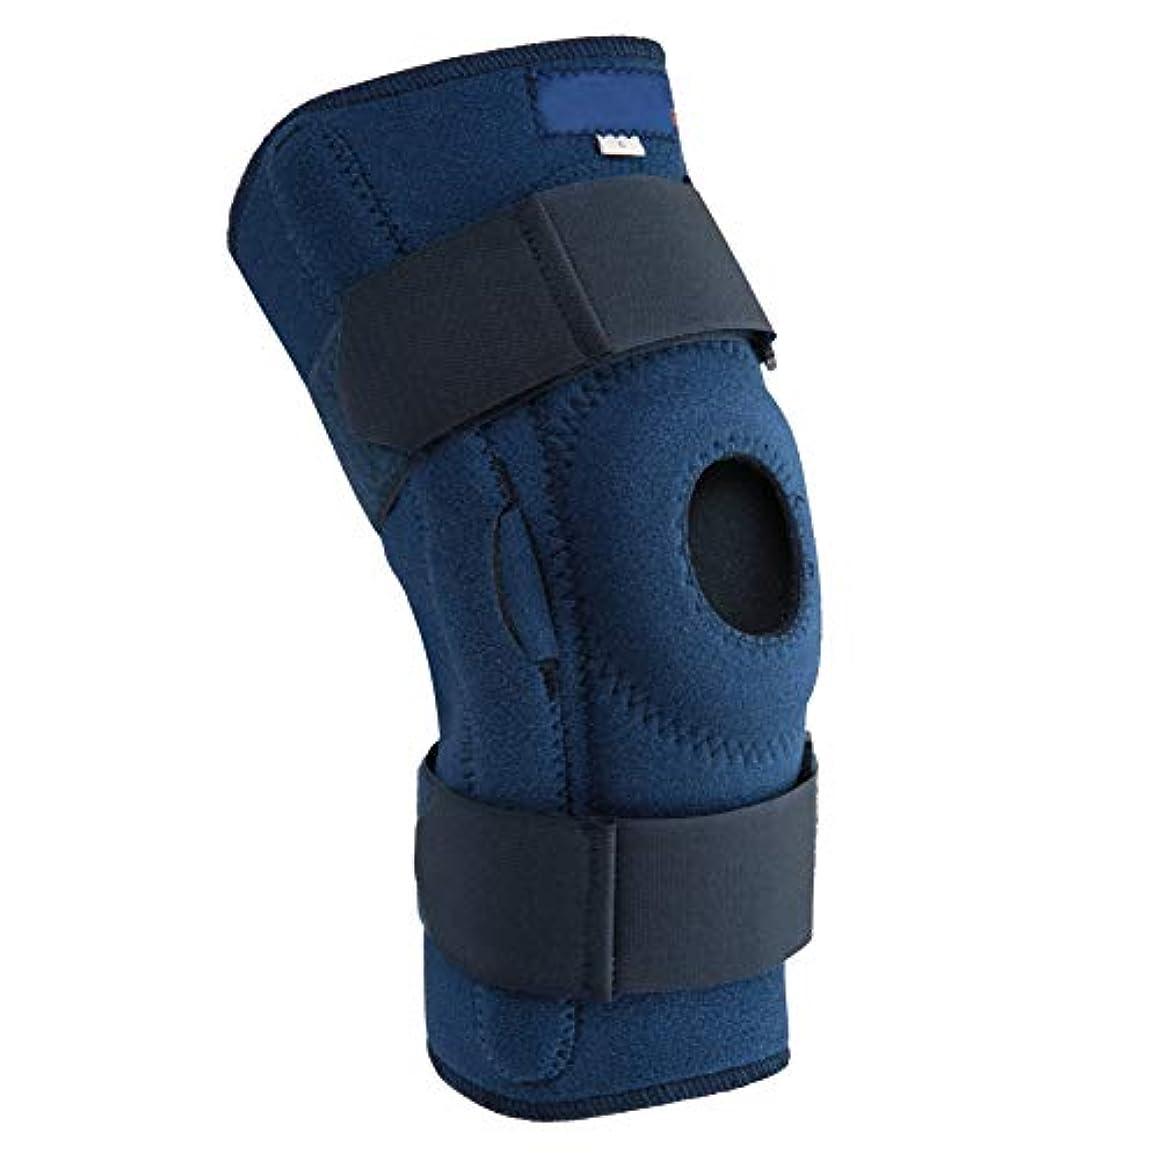 通気性のあるスポーツ膝パッド、衝撃吸収ハイキングランニング膝プロテクター(L)